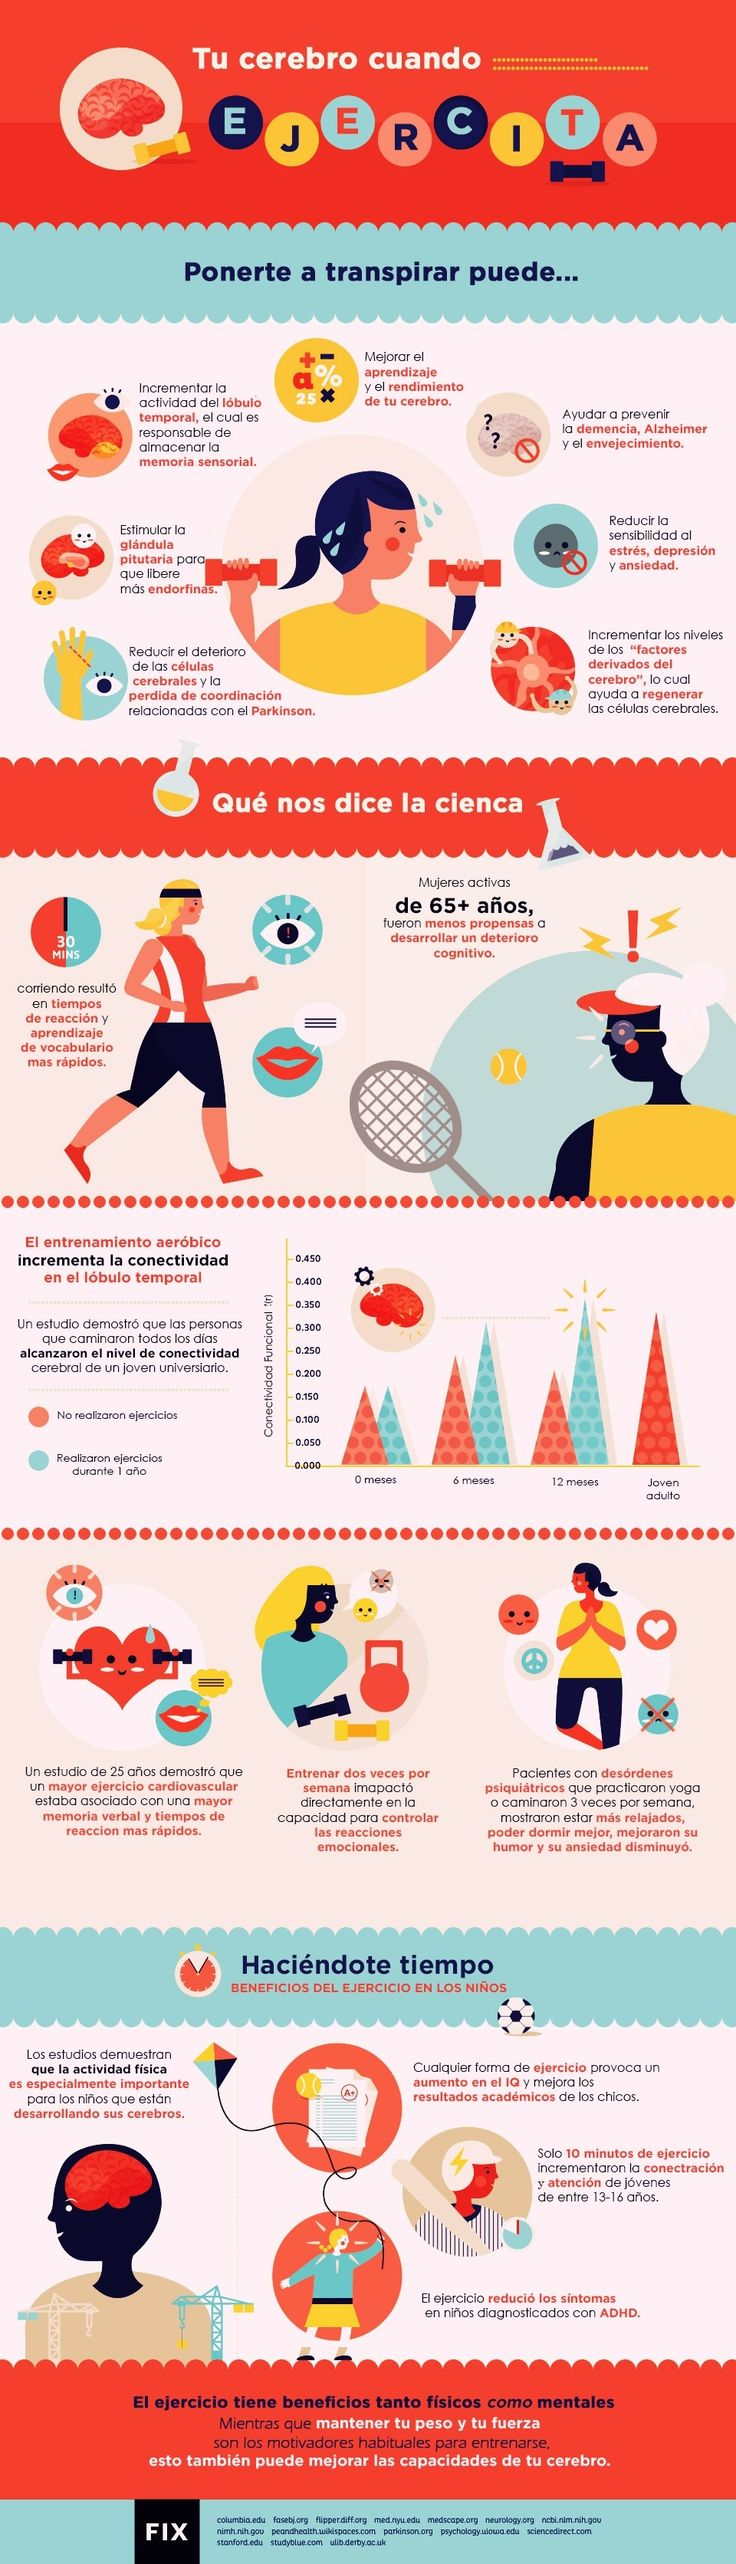 Todos los beneficios del ejercicio fisico en el cerebro